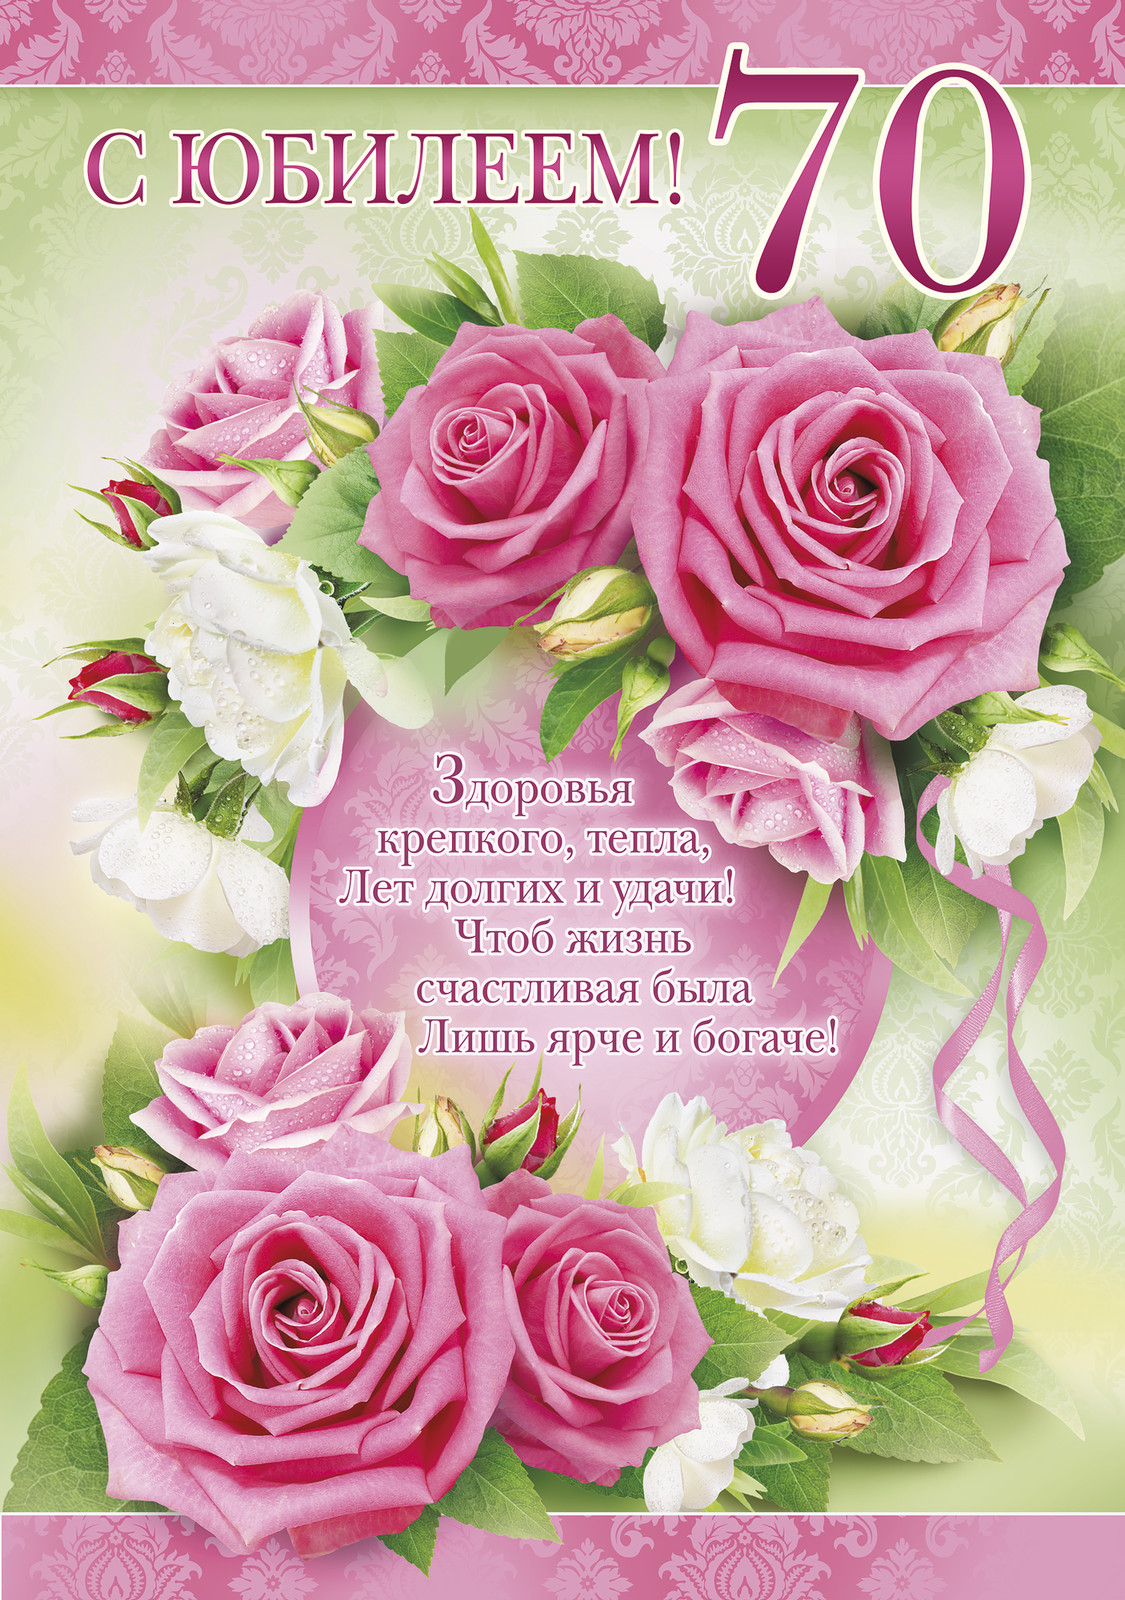 Открытка, открытка с днем рождения женщине с юбилеем 70 лет